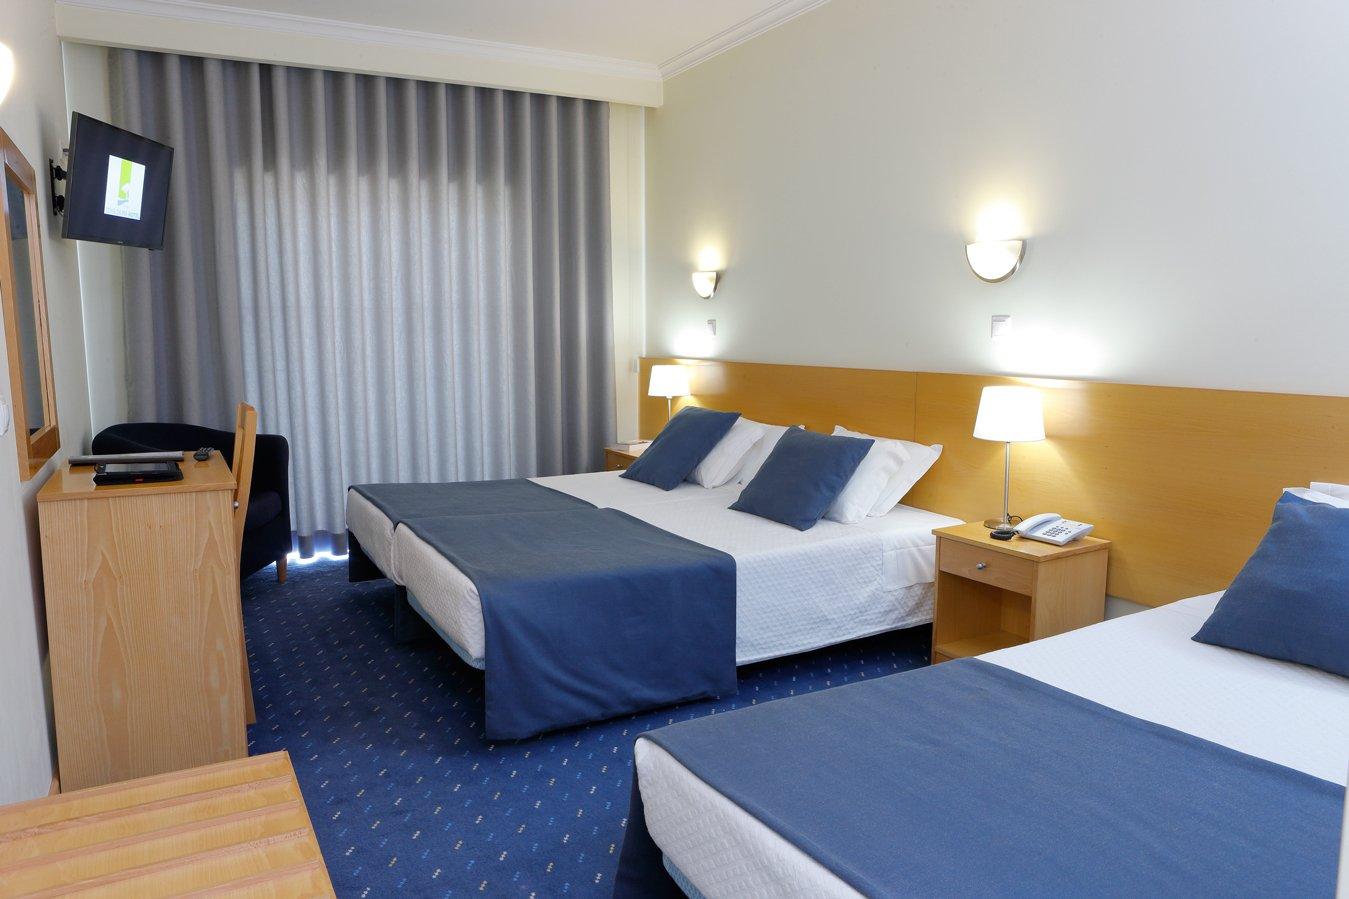 코바 다 이리아 호텔